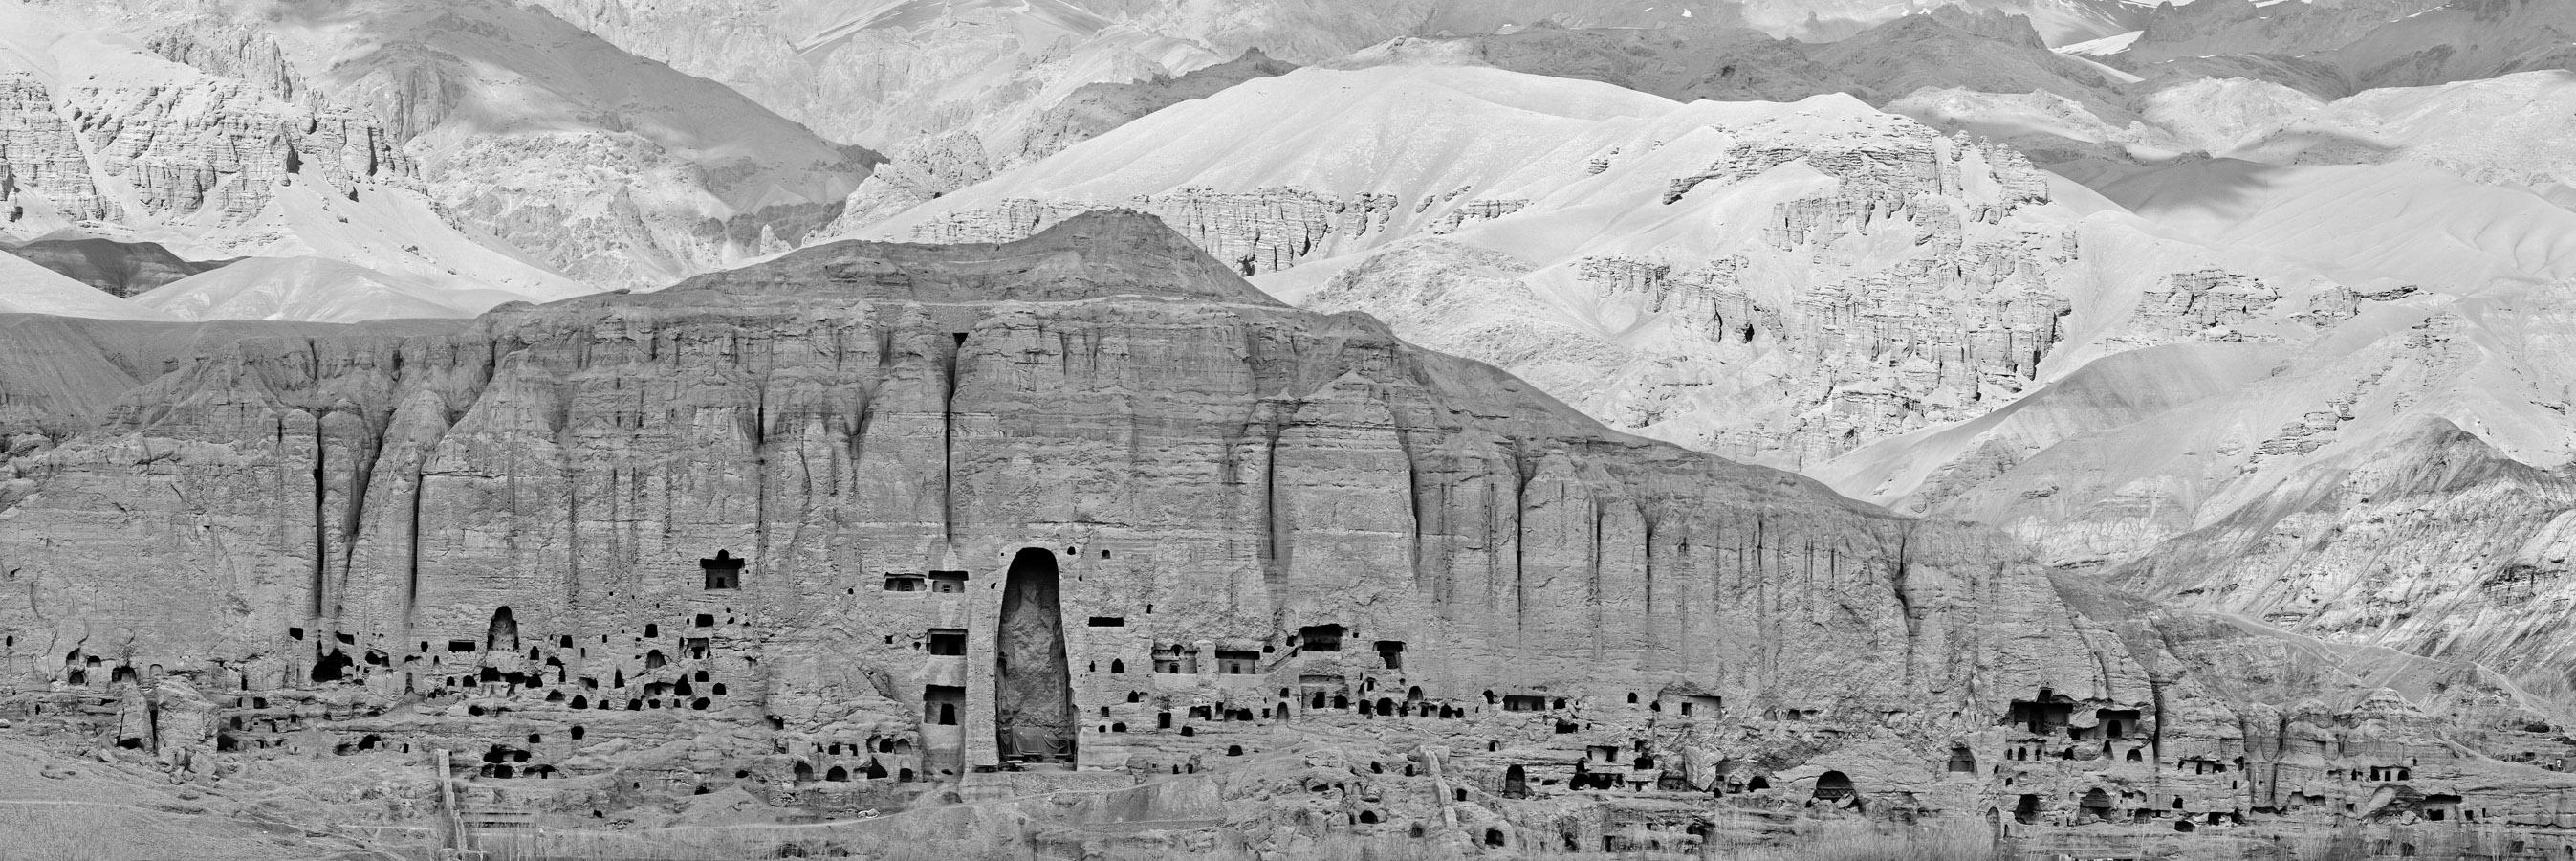 Pascal Convert, Extrait panoramique de la falaise de Bâmiyân 1. © Courtesy Pascal Convert, © Galerie Eric Dupont.